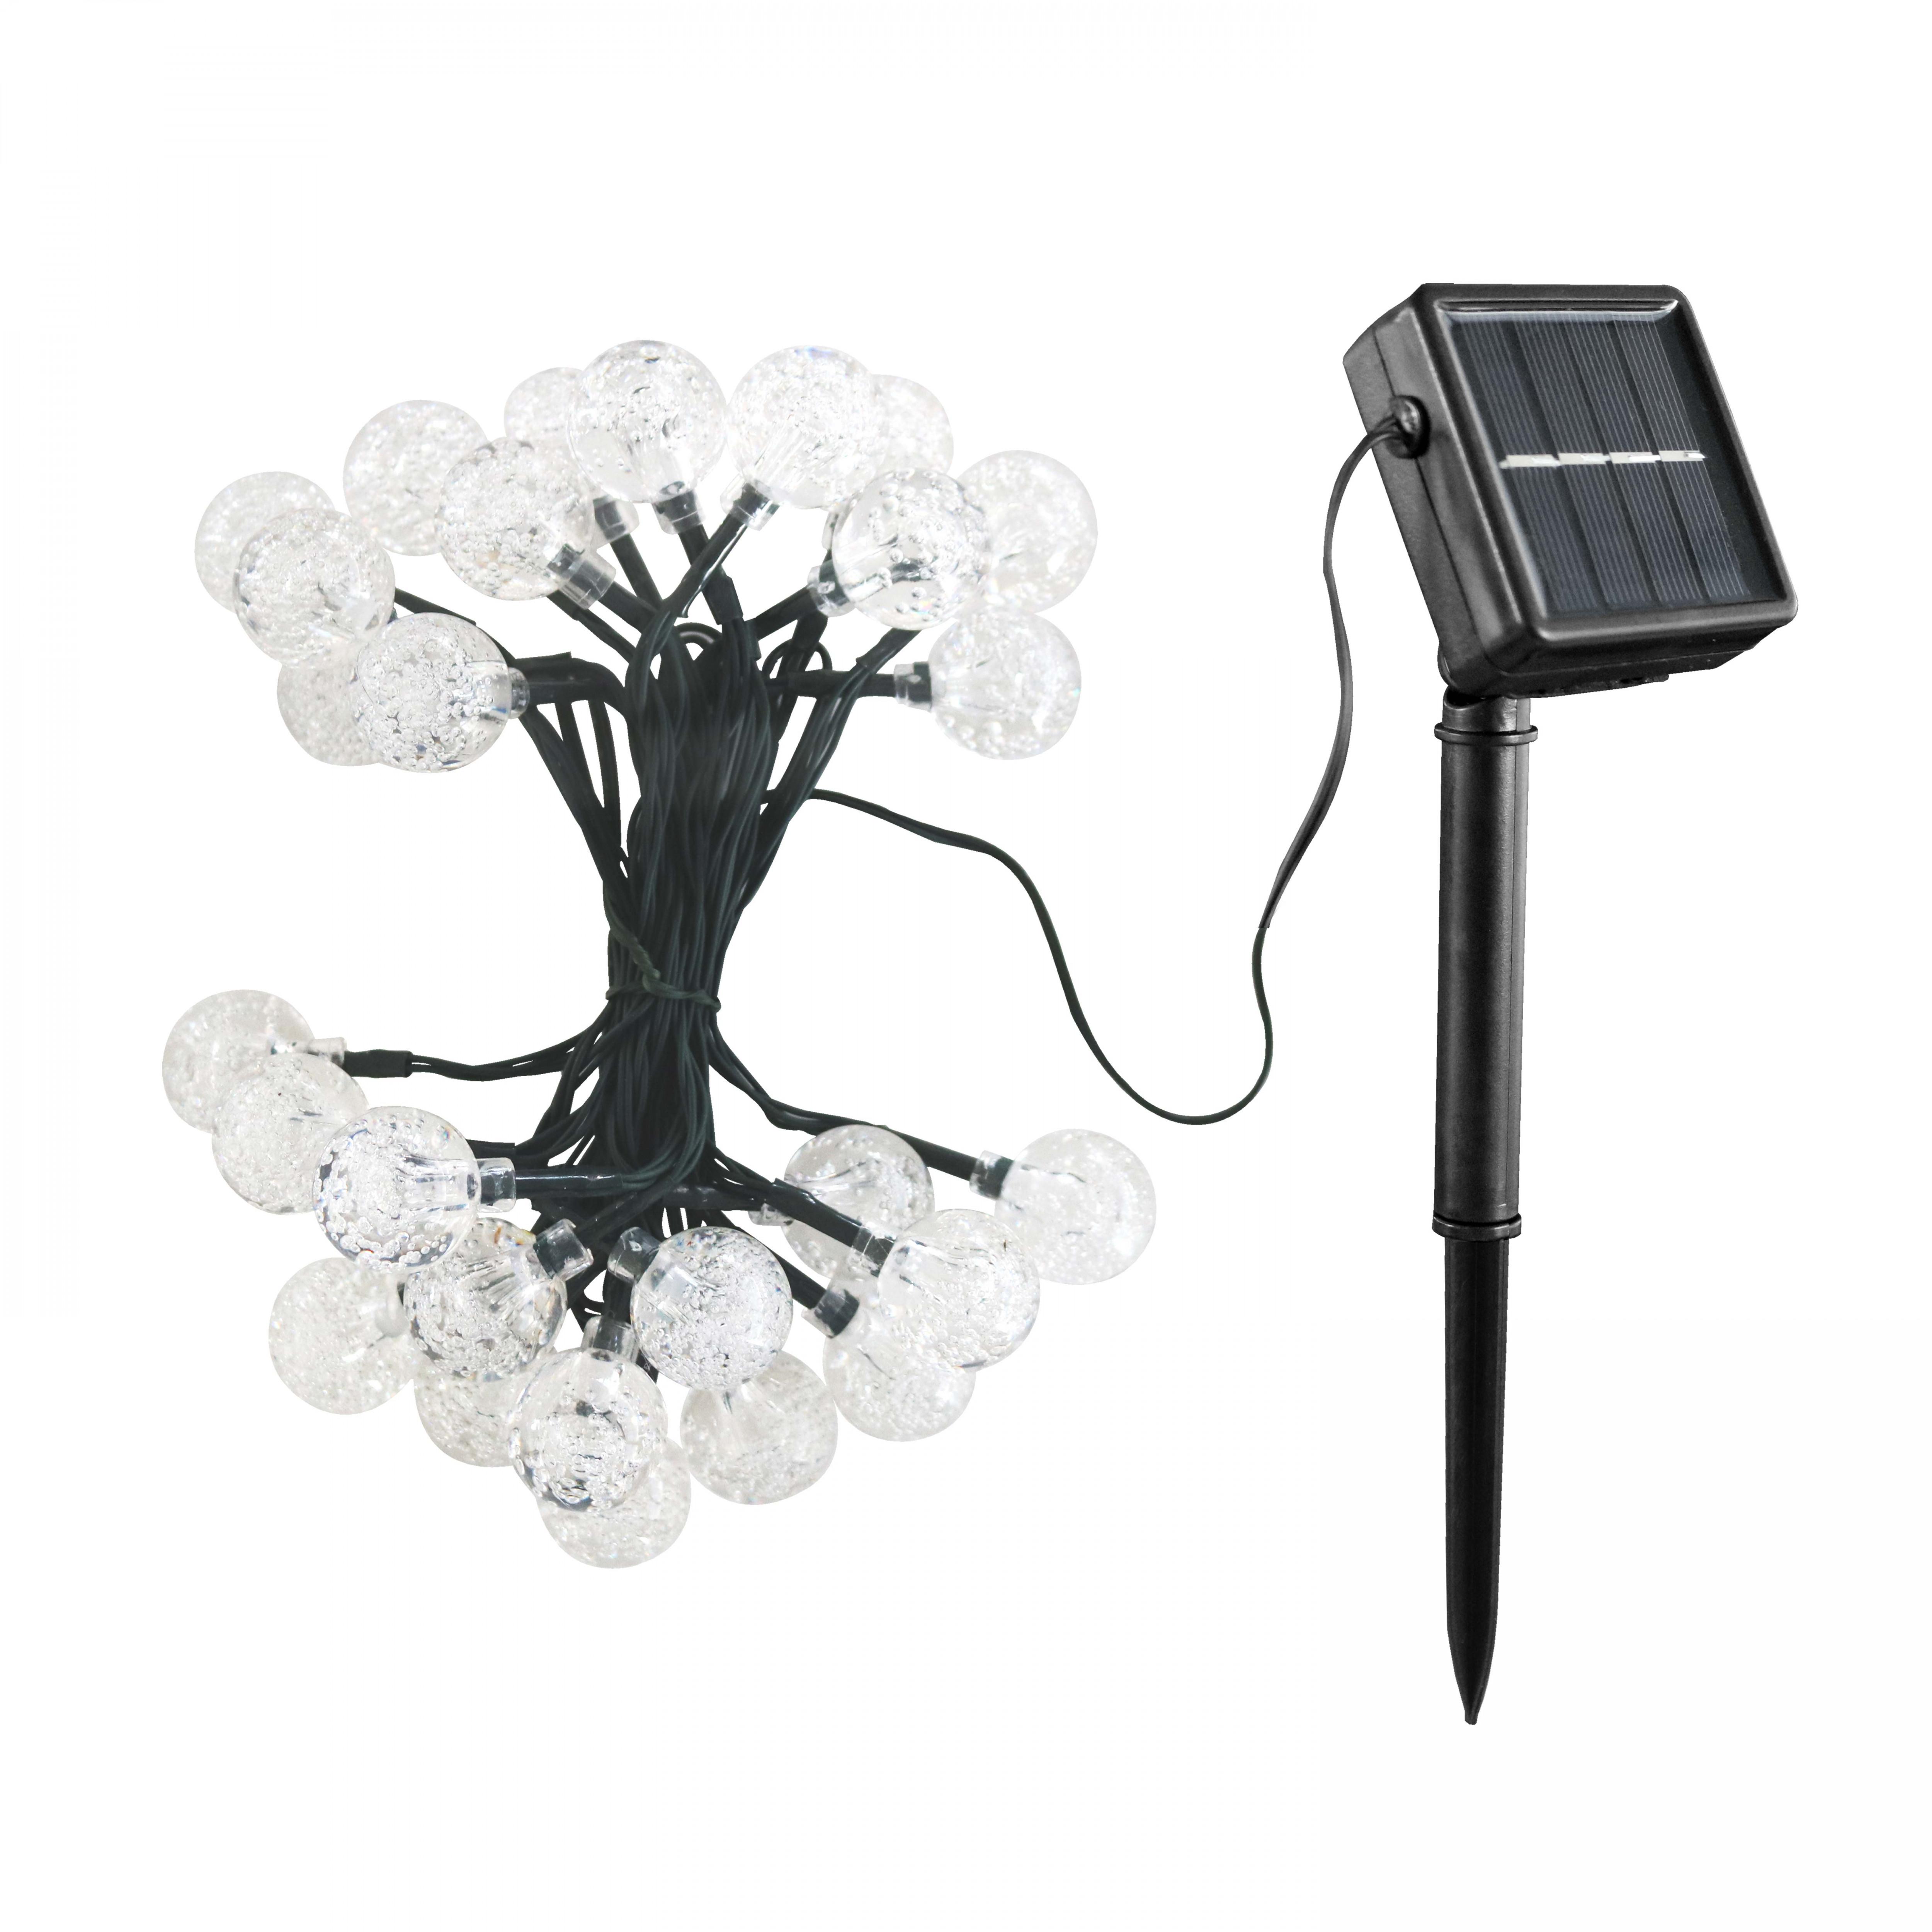 Guirlande guinguette solaire LED multicolore